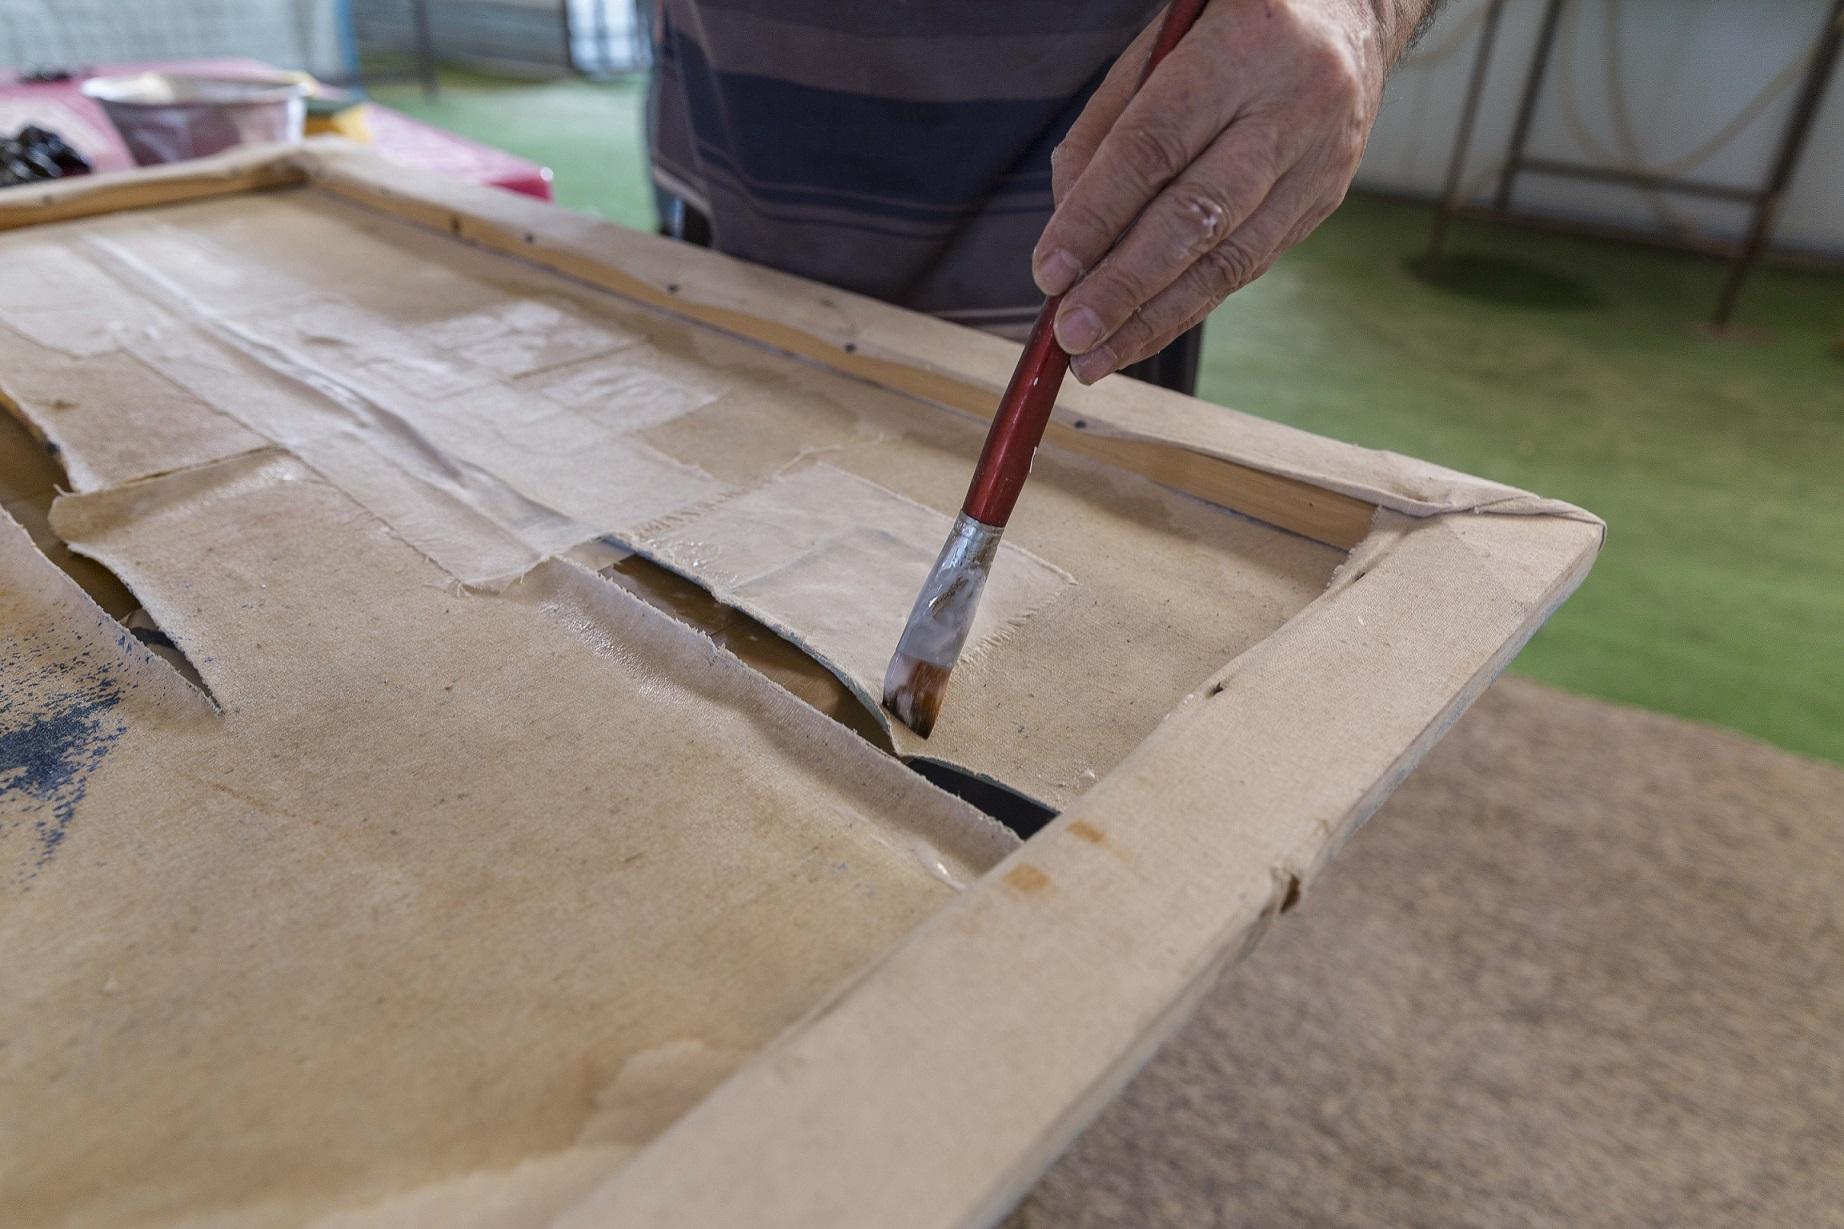 La riparazione delle opere. Foto di E. Confortin.